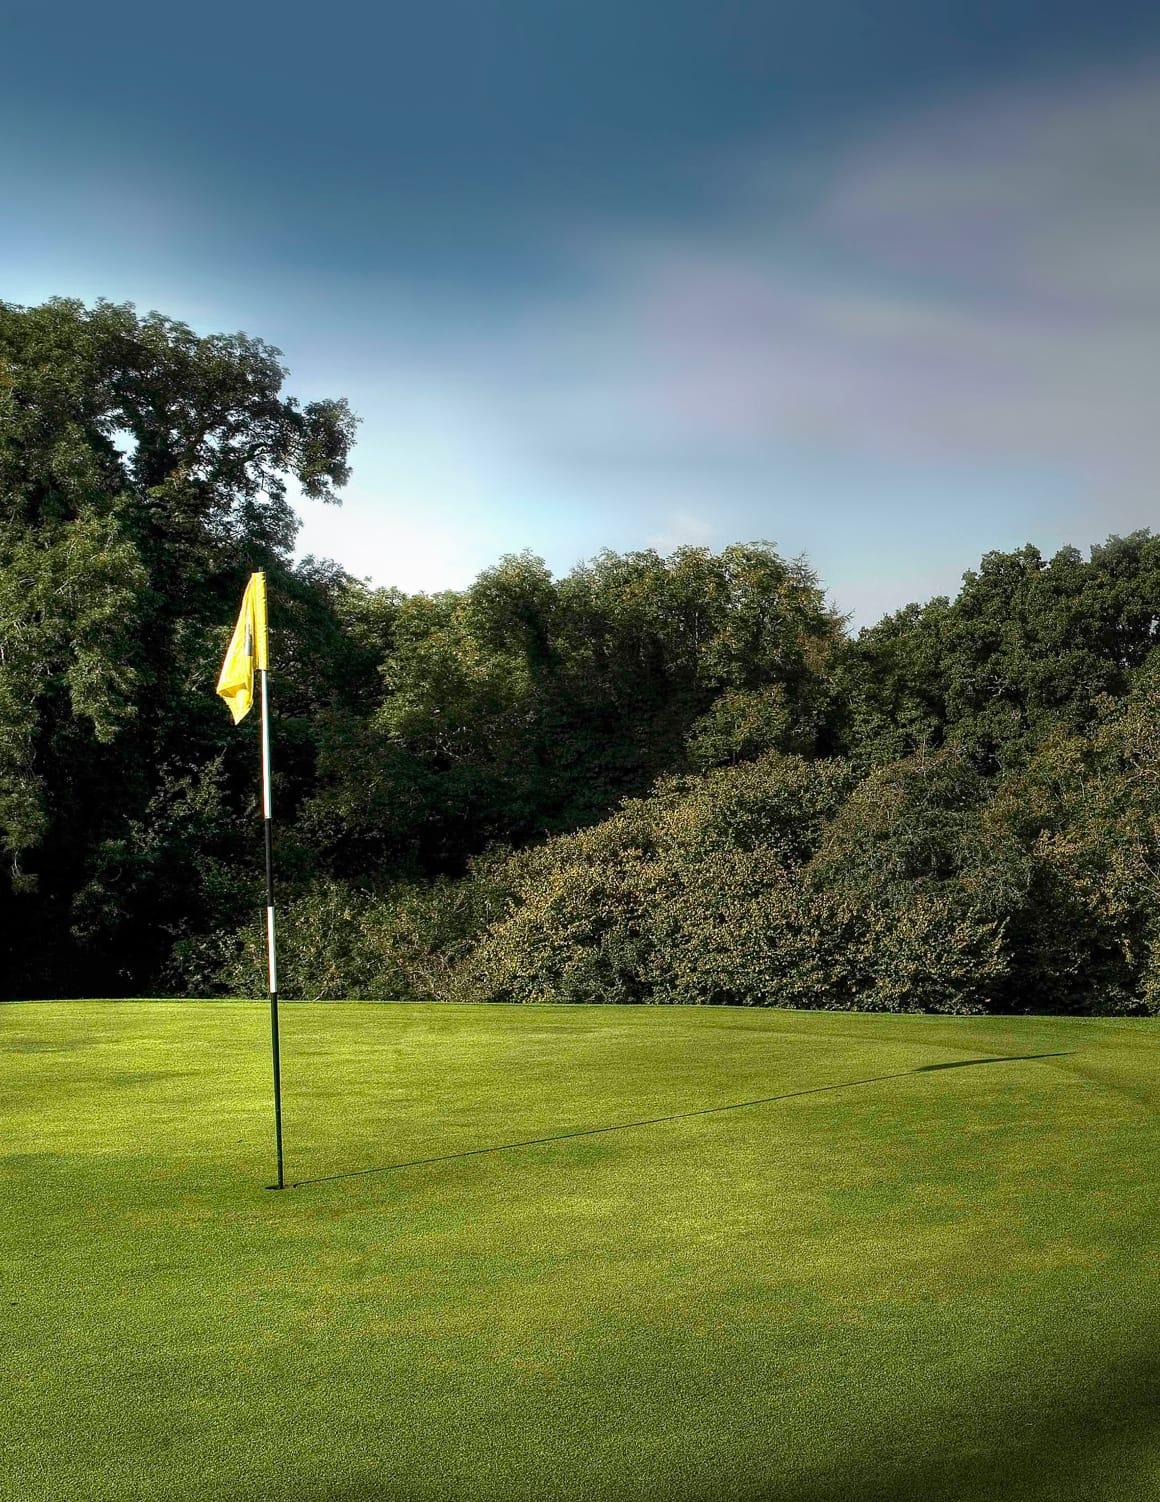 devon golf course